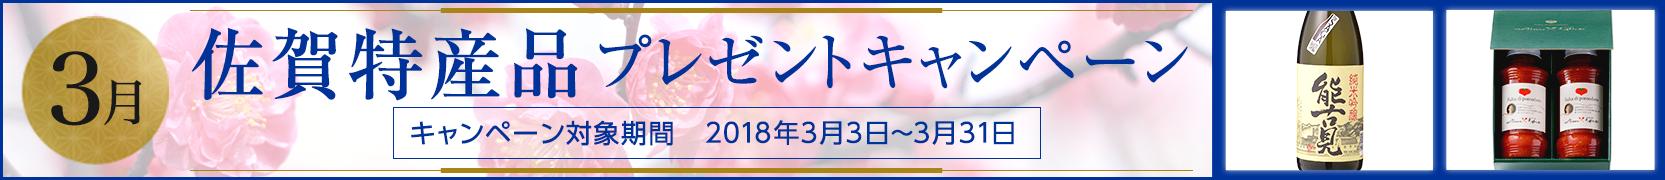 佐賀特産品プレゼントキャンペーン 3月